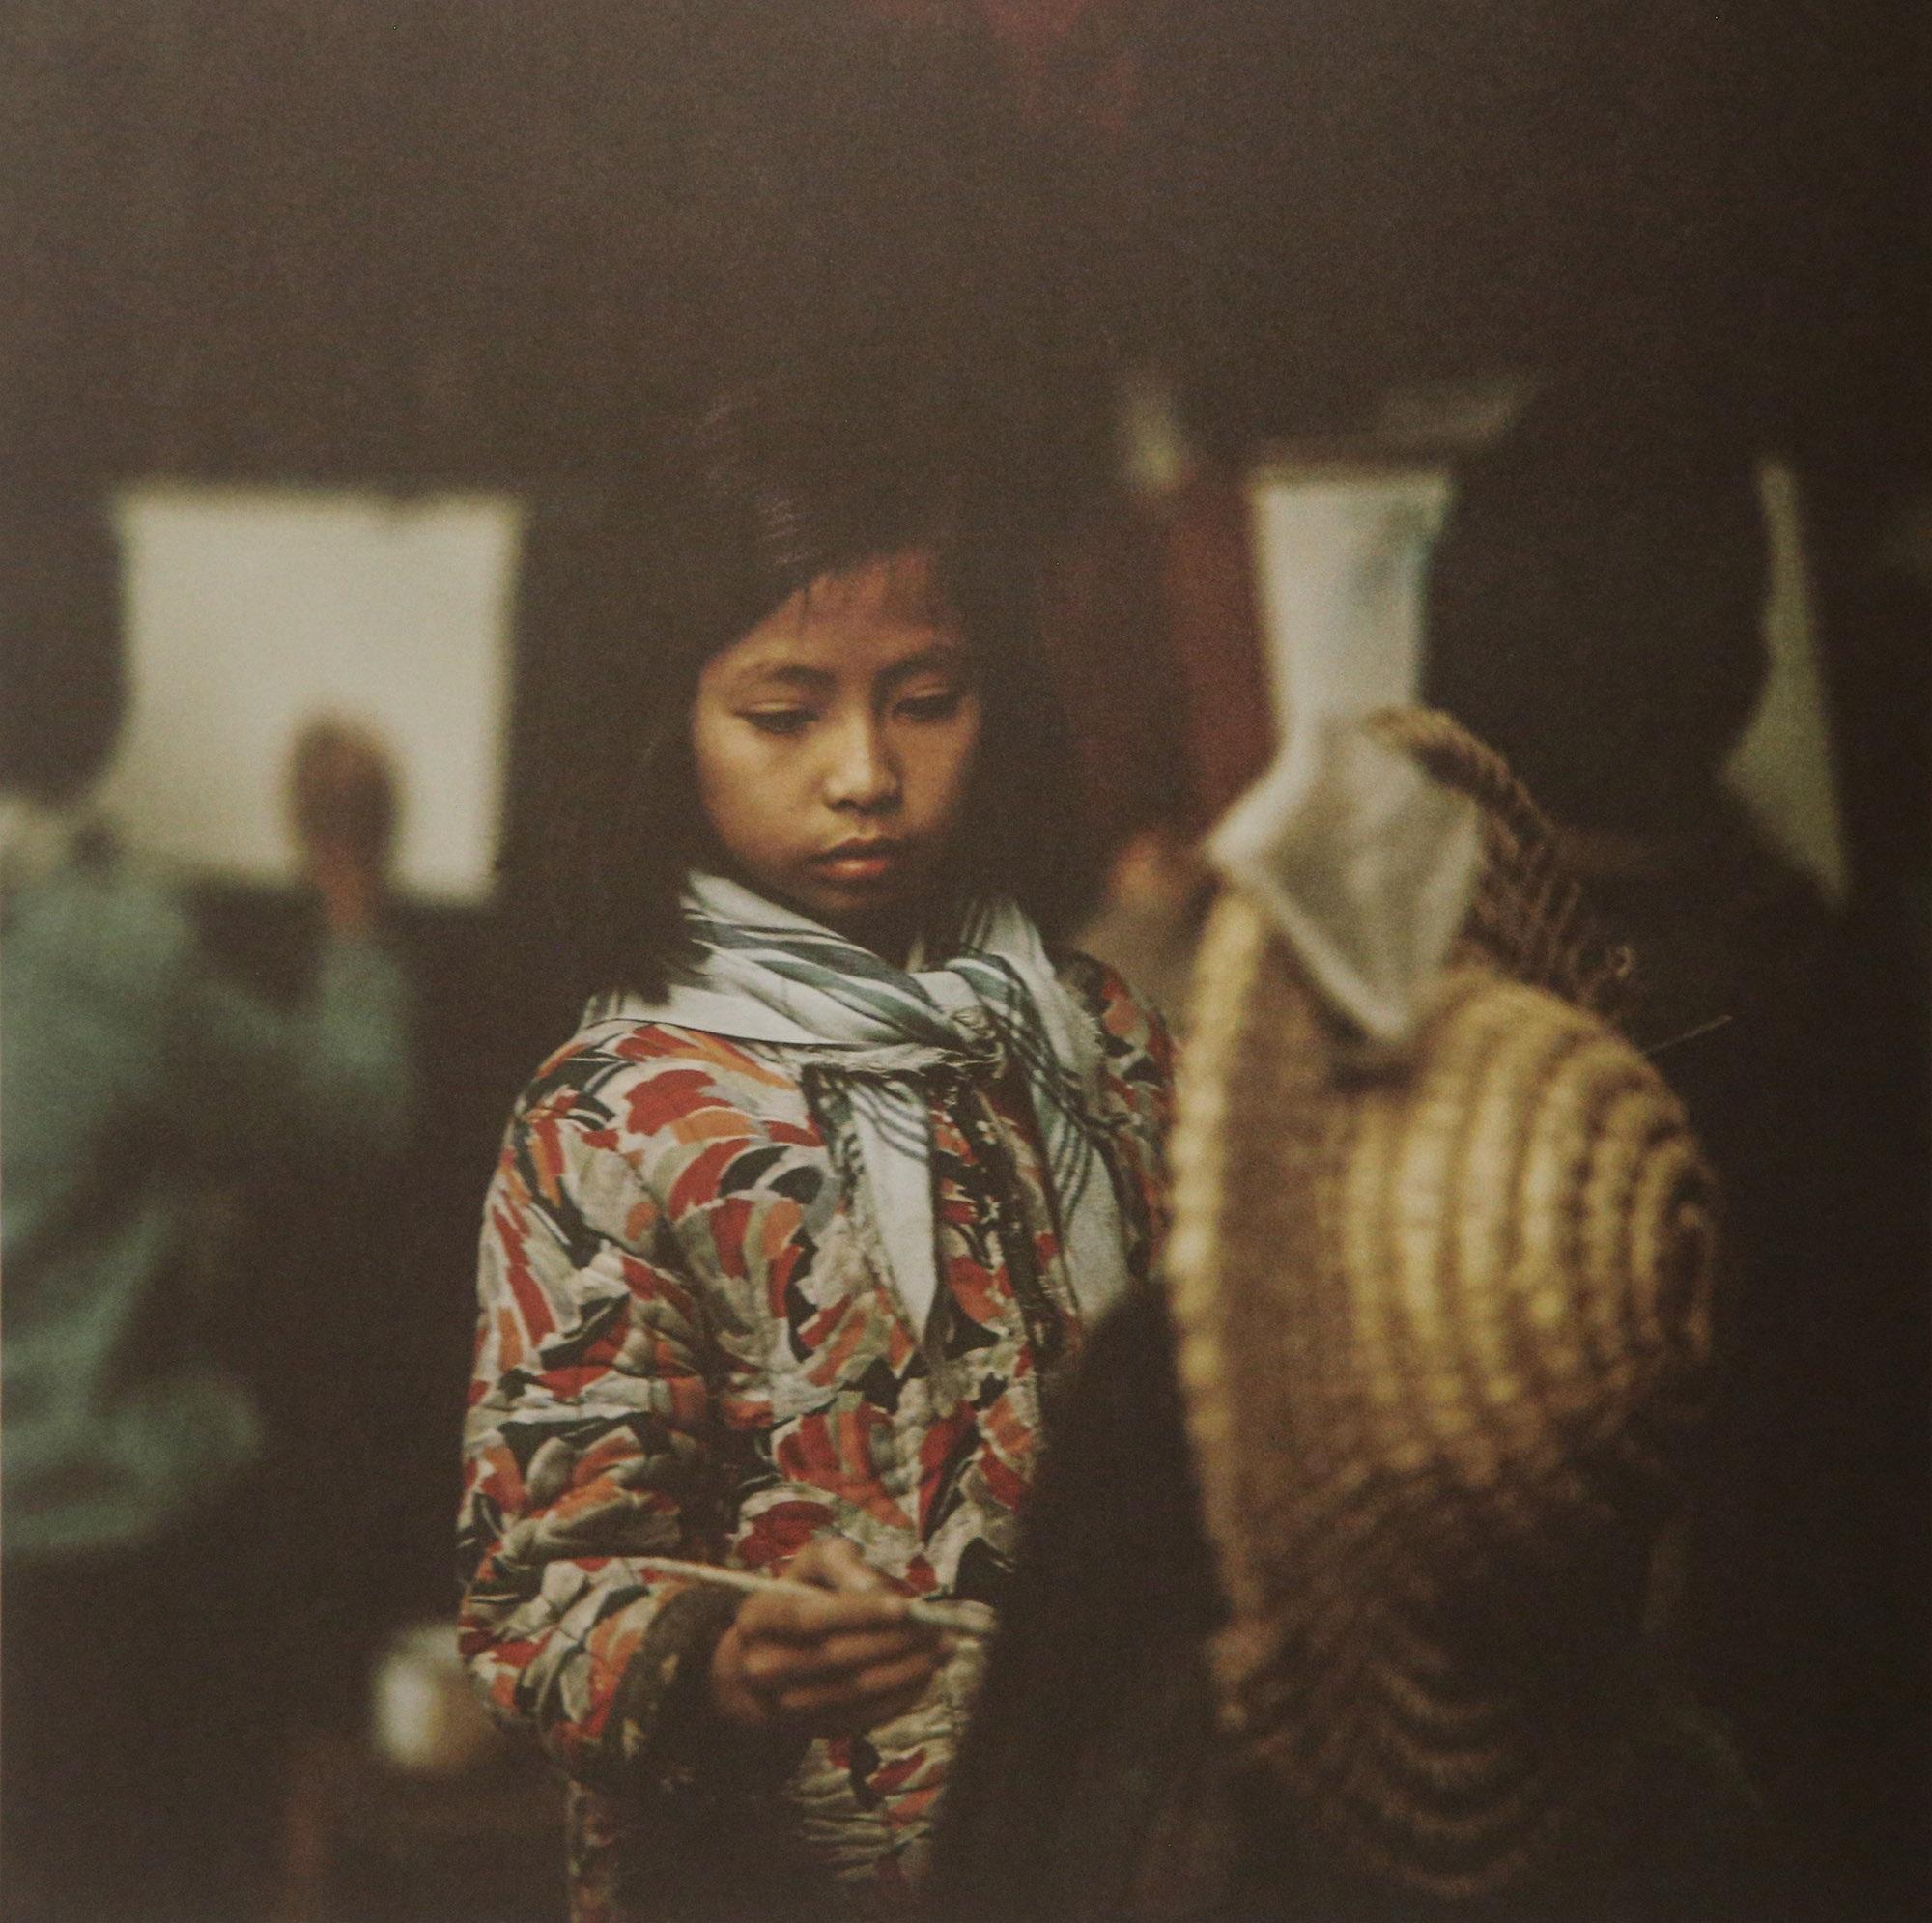 Hình ảnh quý về Hà Nội thời gian khó của nhiếp ảnh gia người Đức - 12